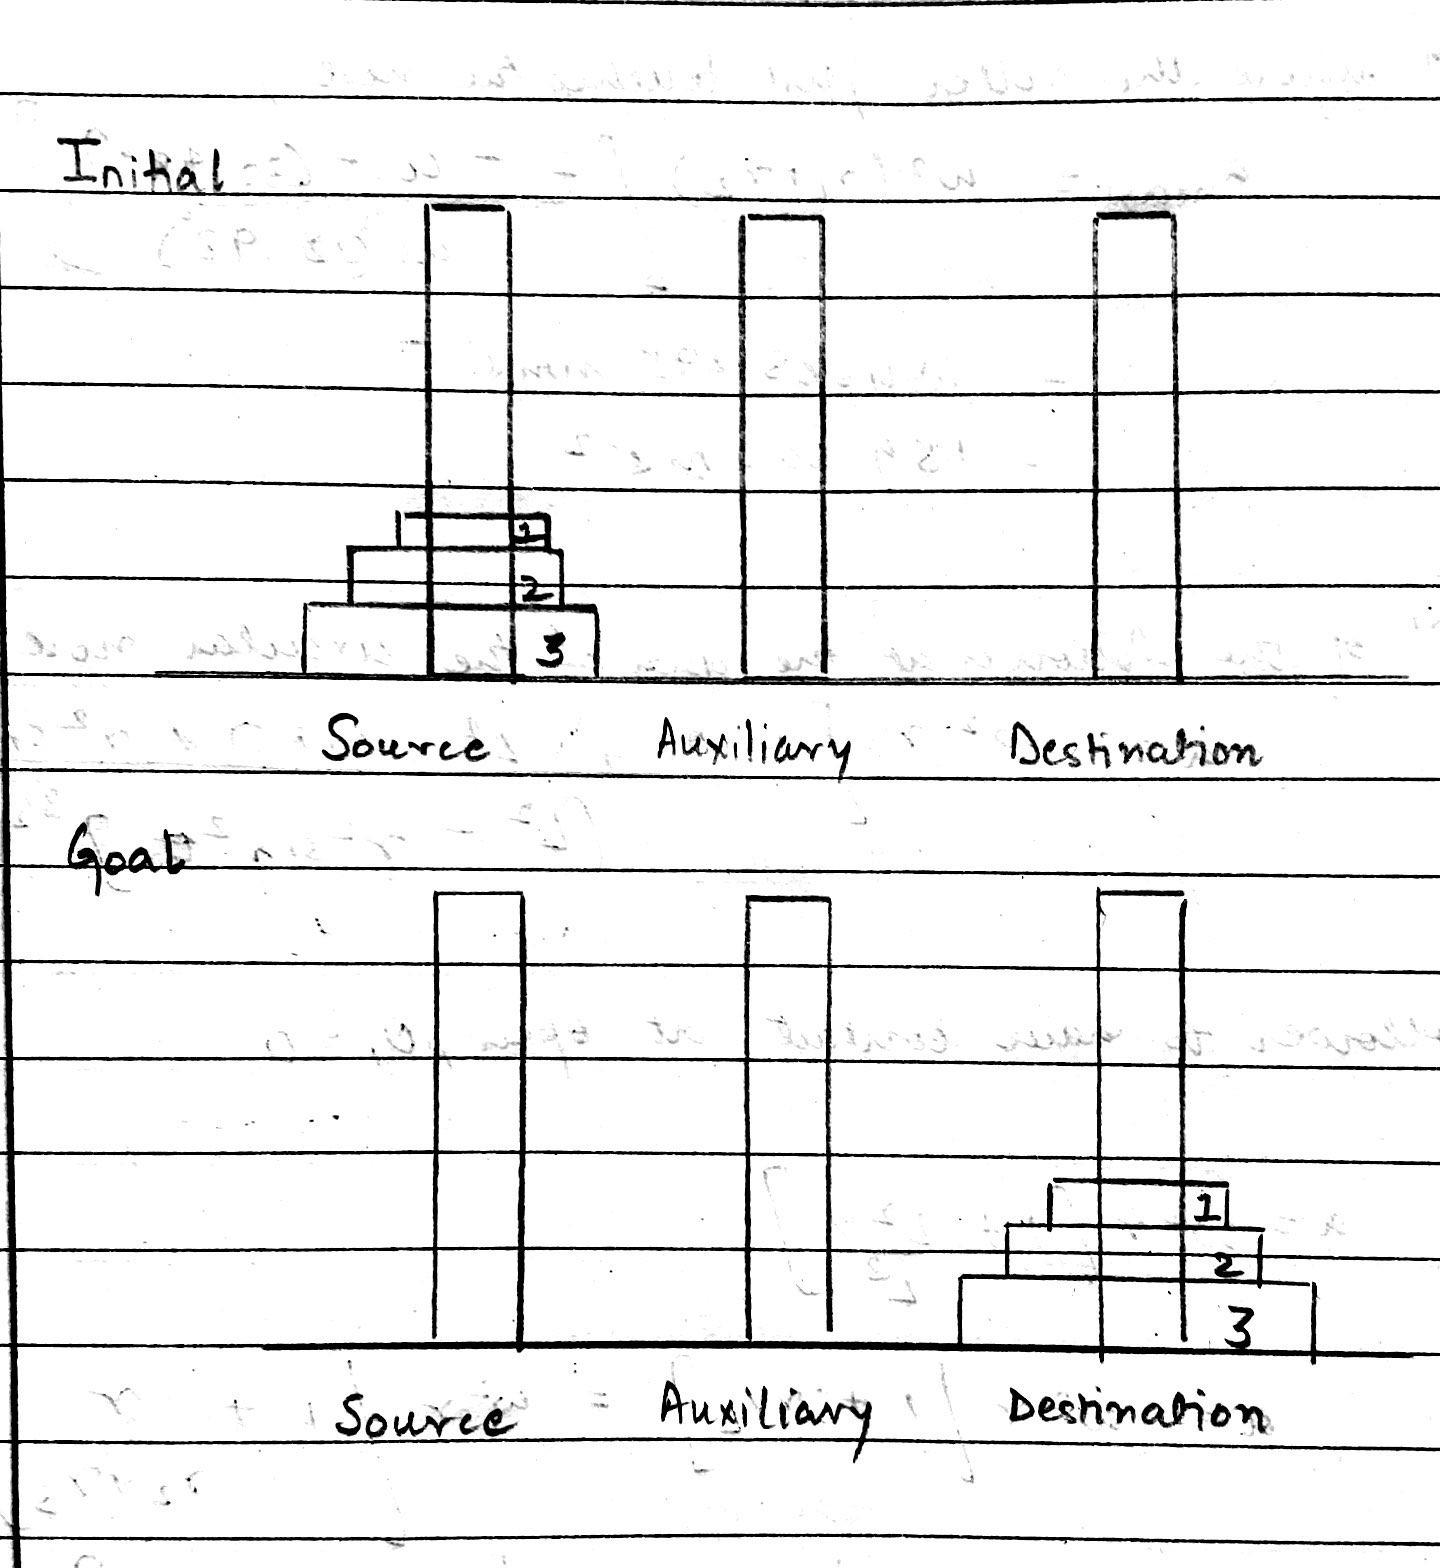 Program for Tower of Hanoi using stack in C++